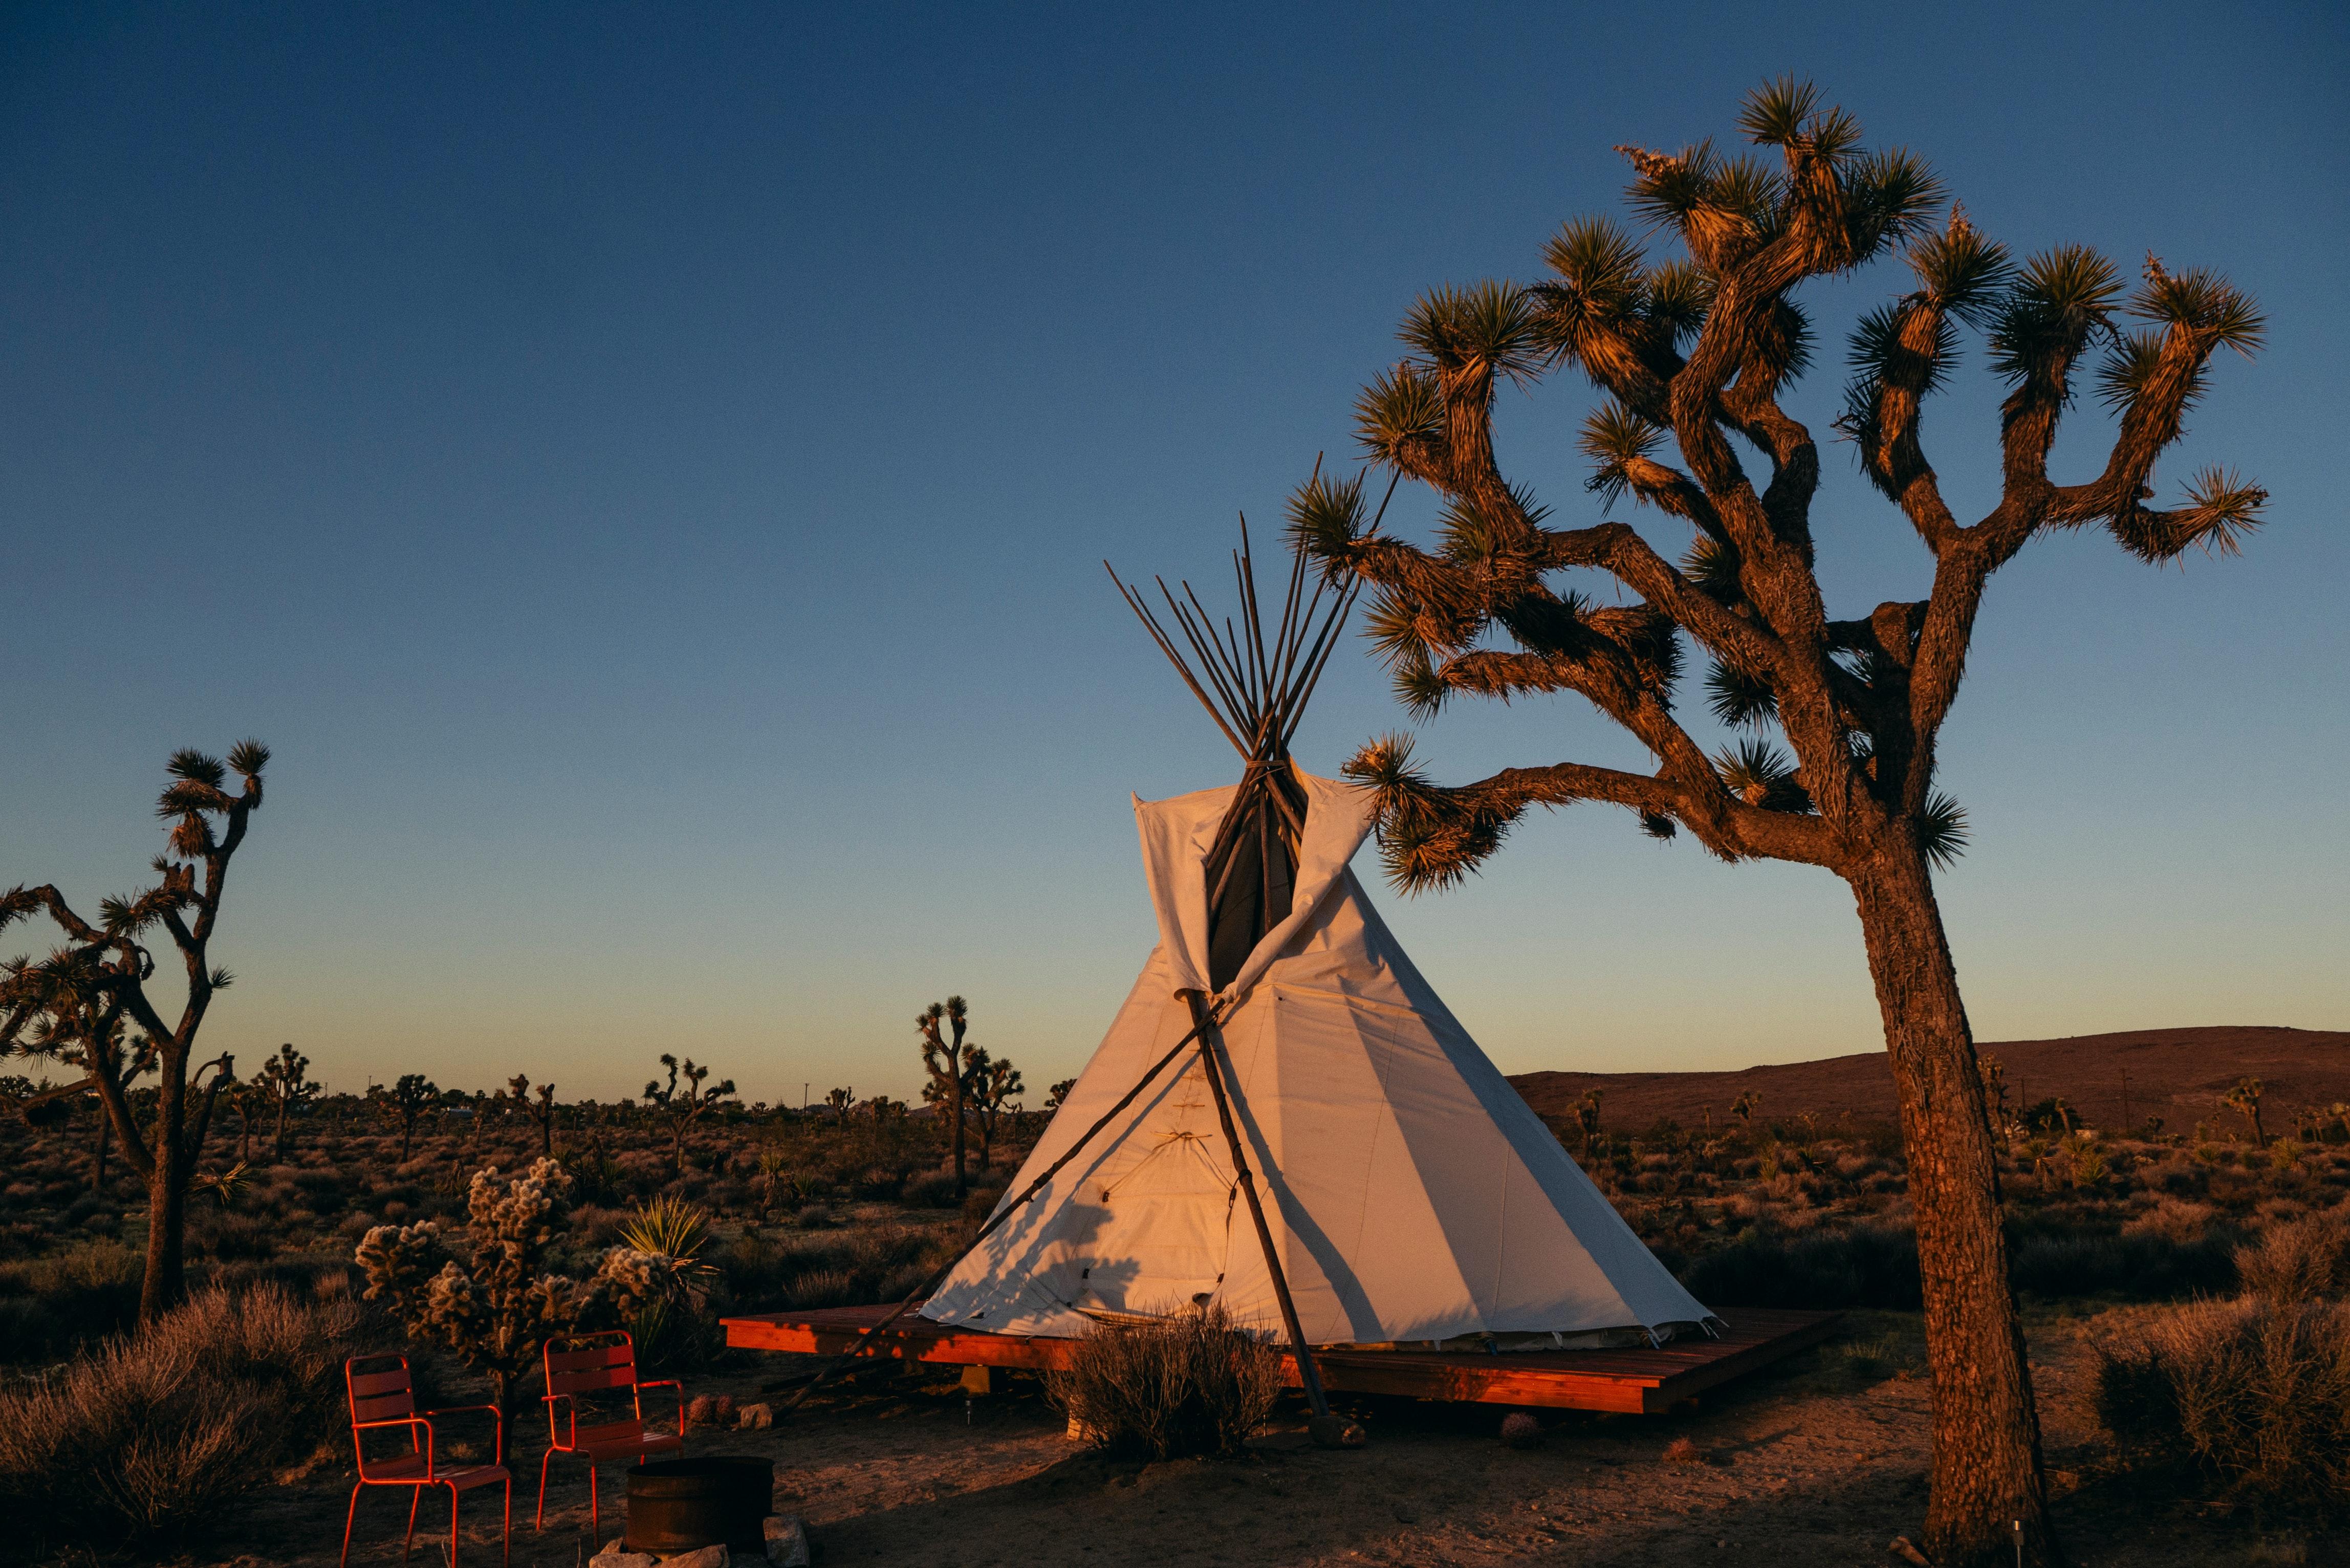 Een foto van een luxe tent in de natuur